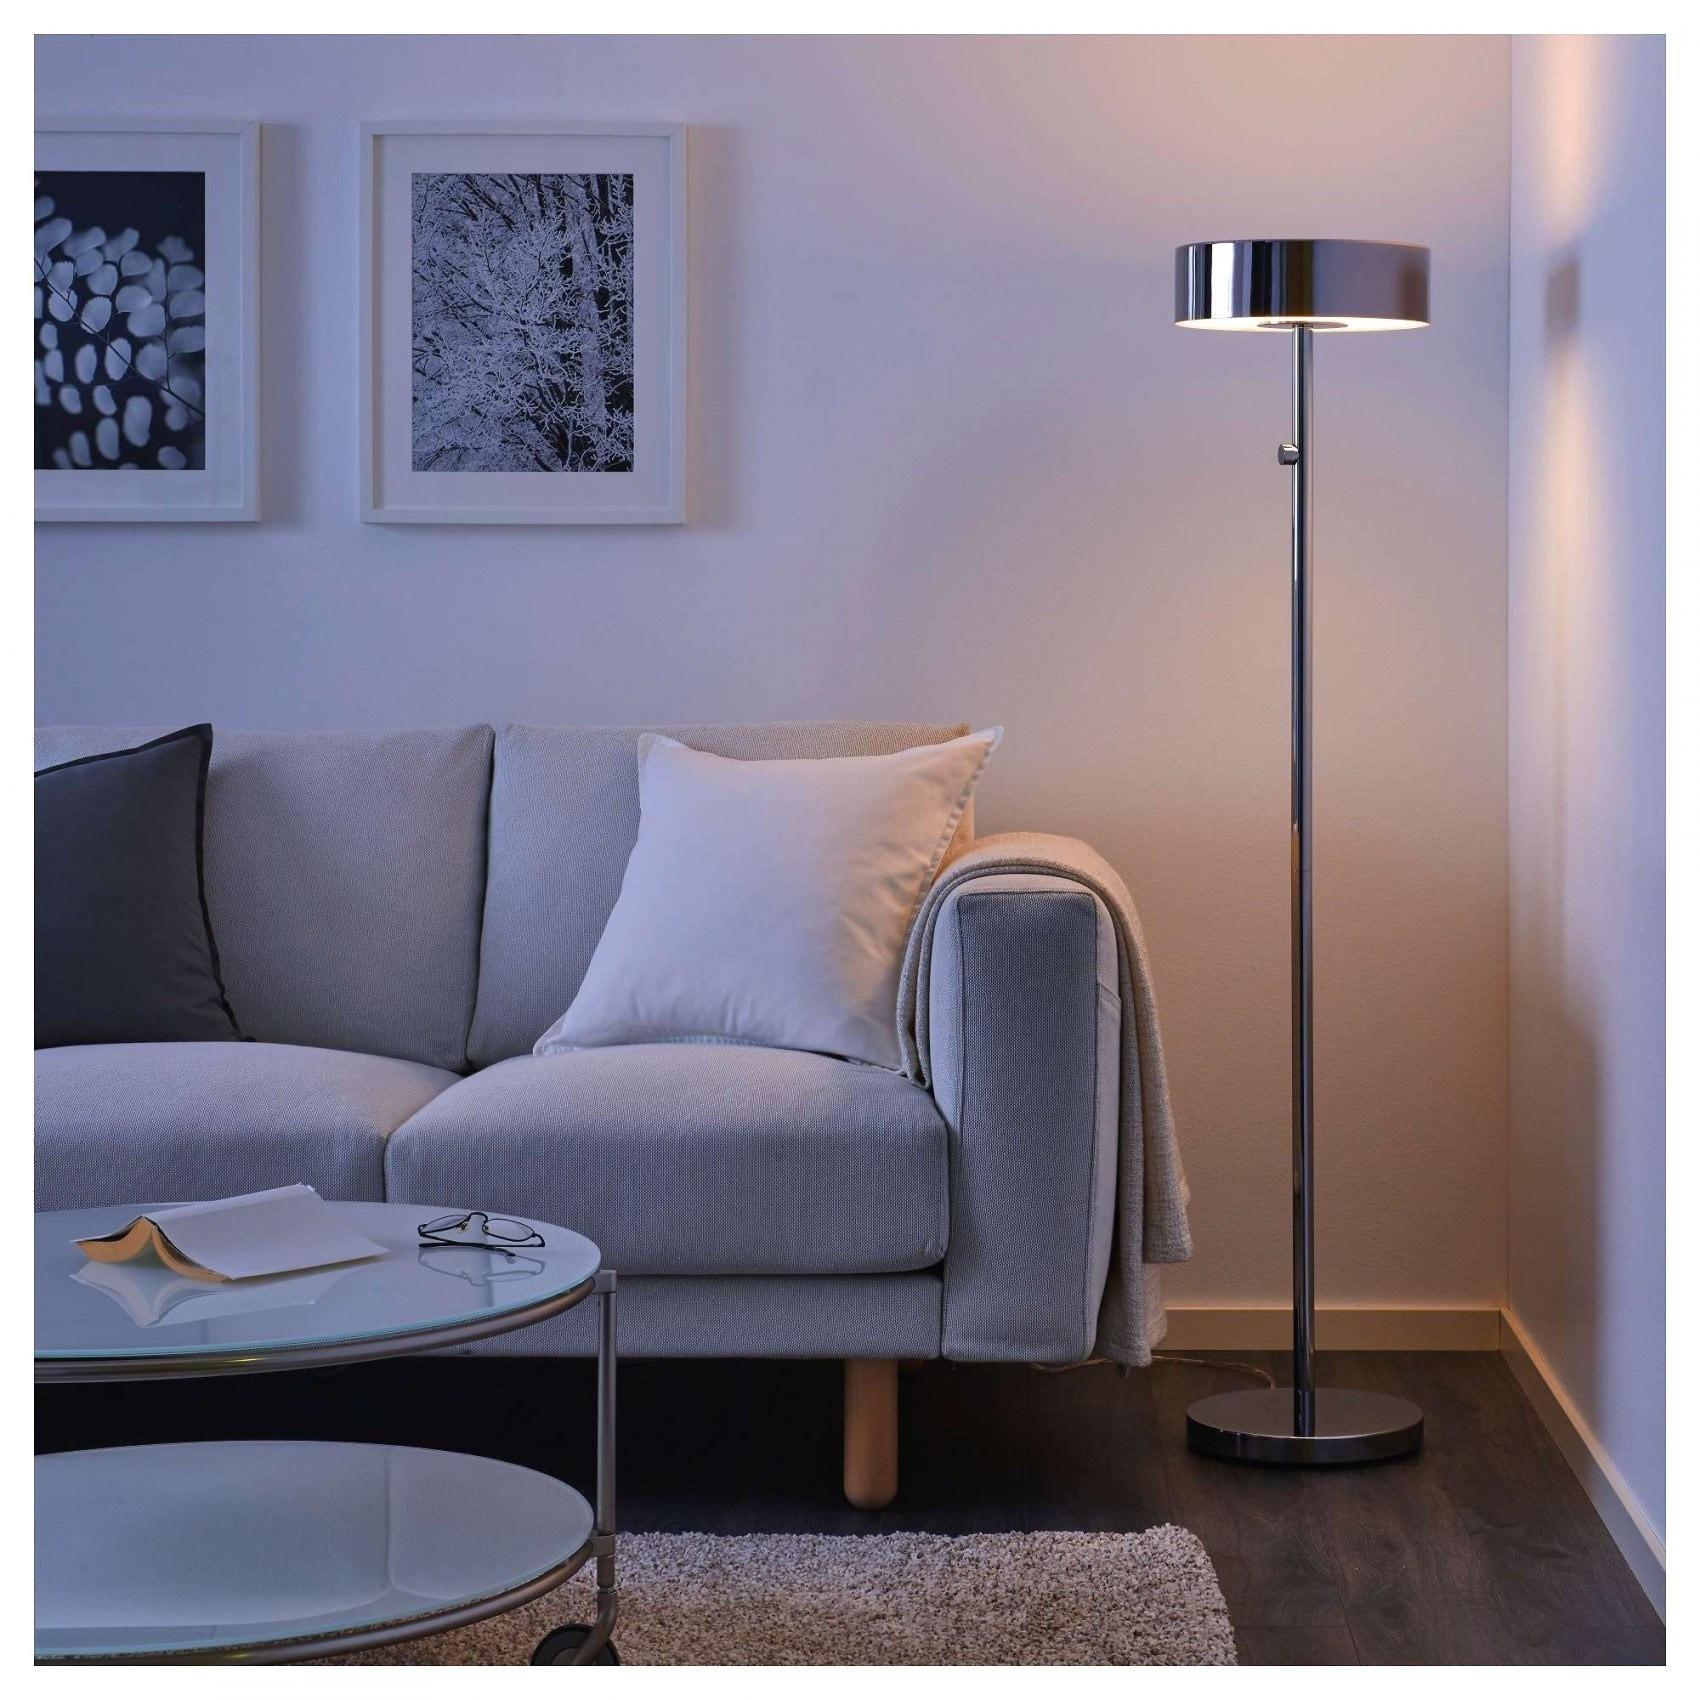 Ikea Lampen Wohnzimmer  Wohnzimmerlampen Ikea Von Ikea Lampen Wohnzimmer Ideen